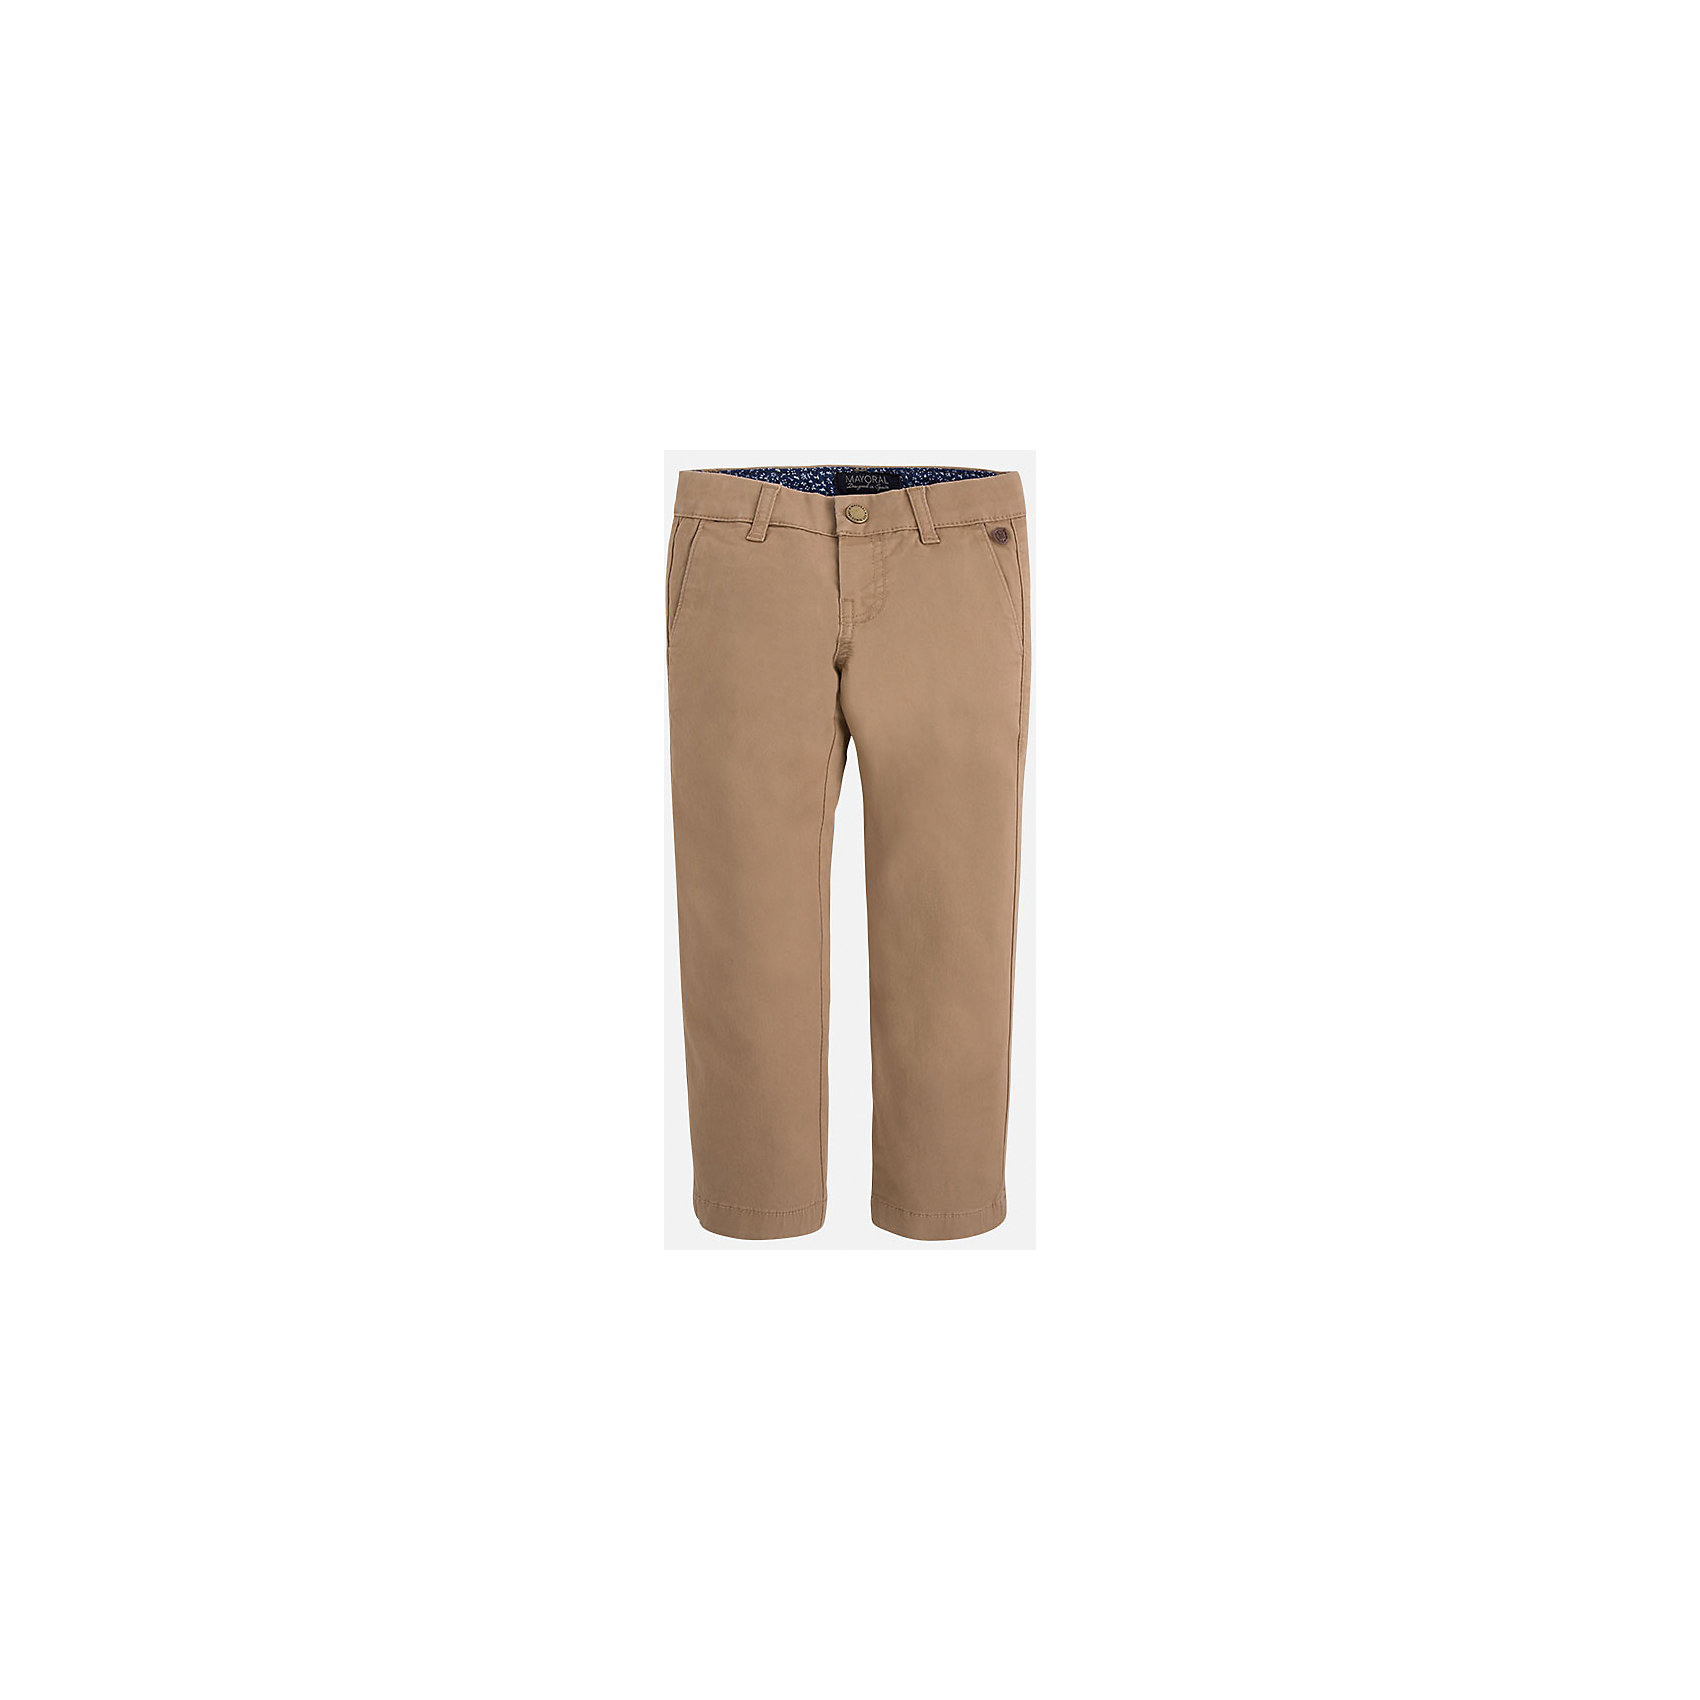 Брюки для мальчика MayoralБрюки<br>Хорошие, качественные брюки - это необходимый атрибут в гардеробе каждого человека!<br><br>Дополнительная информация:<br><br>- Крой: классический крой (Regular fit).<br>- Страна бренда: Испания.<br>- Состав: хлопок 98%, эластан 2%.<br>- Цвет: вишневый.<br>- Уход: бережная стирка при 30 градусах.<br><br>Купить брюки для мальчика Mayoral можно в нашем магазине.<br><br>Ширина мм: 215<br>Глубина мм: 88<br>Высота мм: 191<br>Вес г: 336<br>Цвет: бежевый<br>Возраст от месяцев: 24<br>Возраст до месяцев: 36<br>Пол: Мужской<br>Возраст: Детский<br>Размер: 98,128,104,122,116,110,134<br>SKU: 4826663